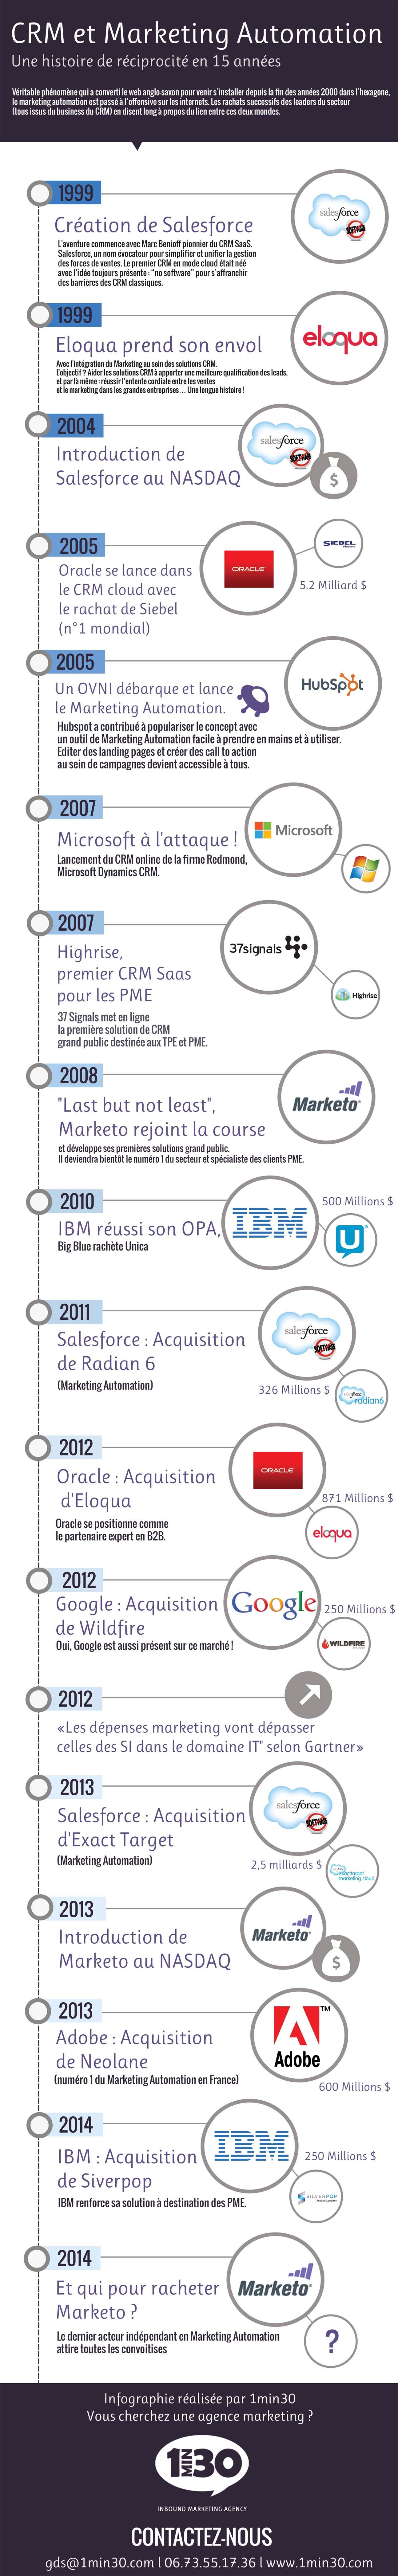 infographie-crm-market-auto